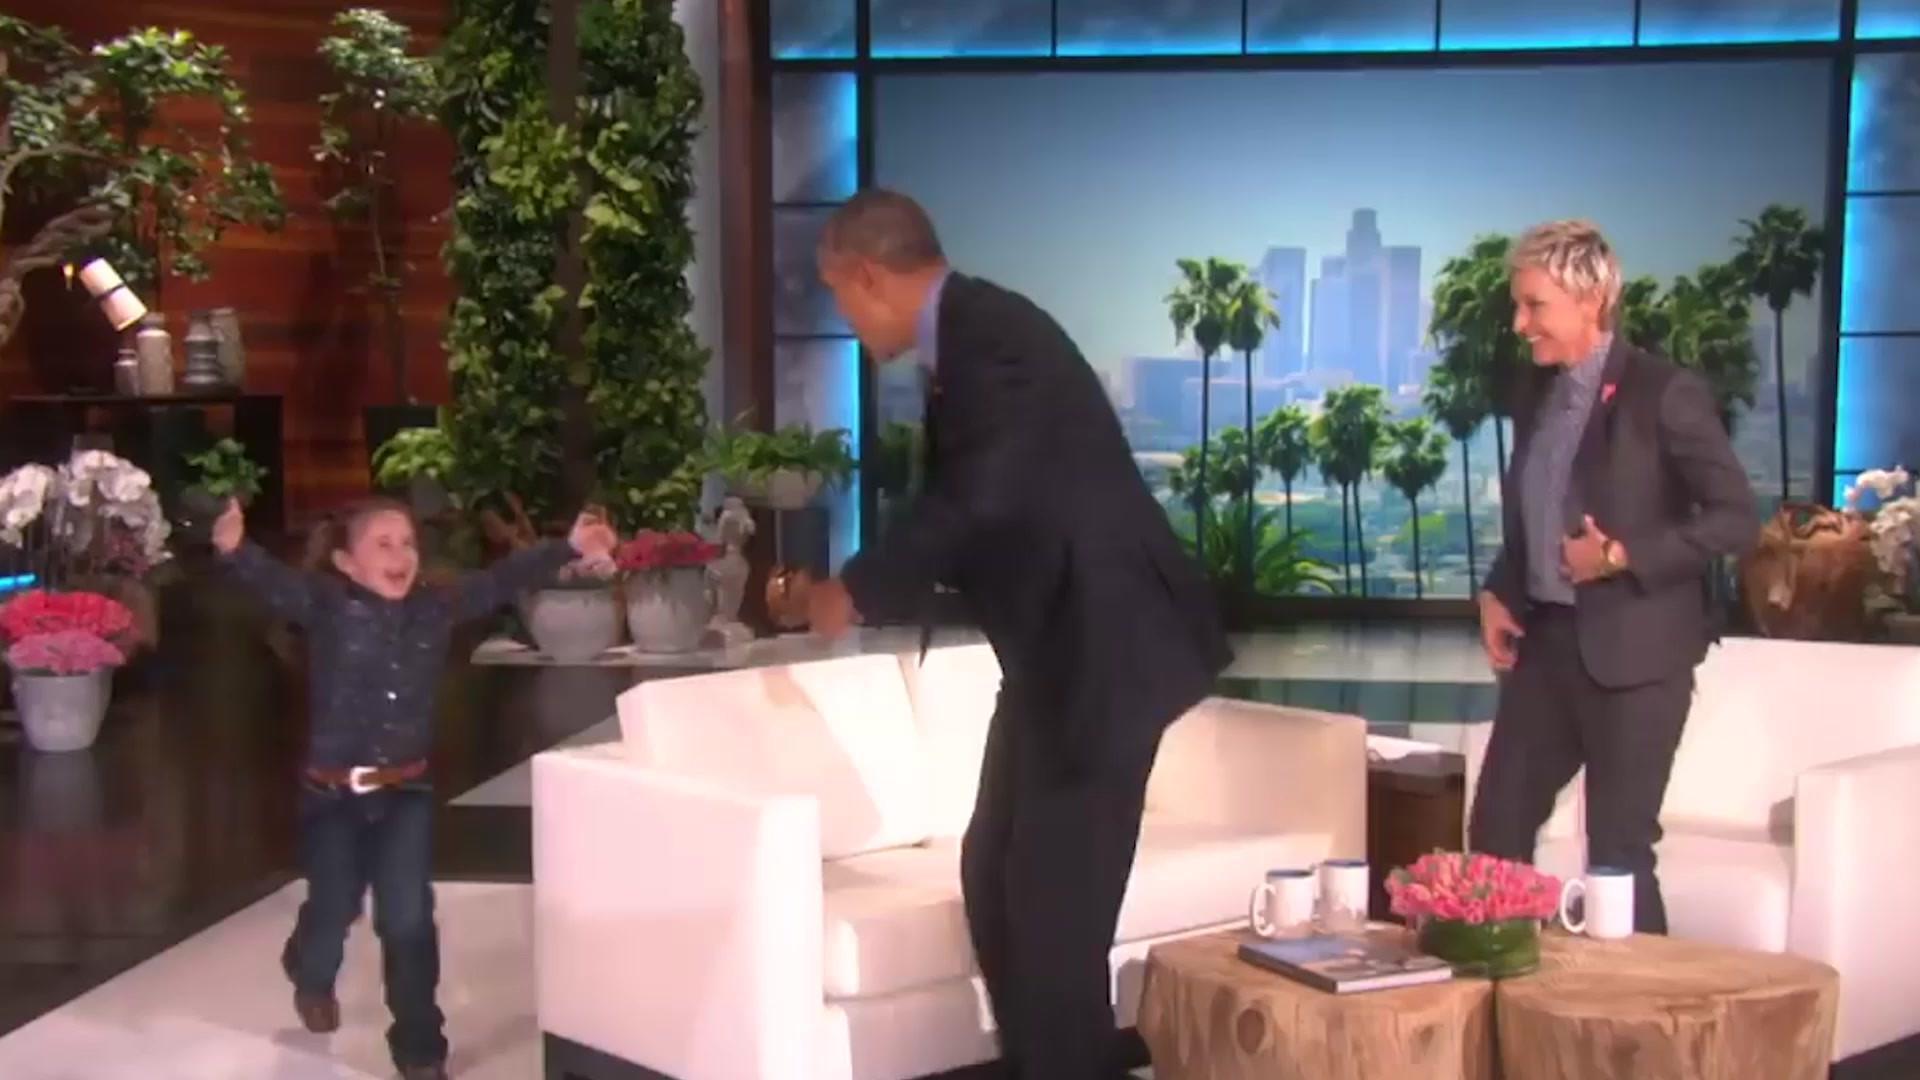 小女孩突然上台,奥巴马总统急忙起身拥抱她,给人很亲民的感觉!